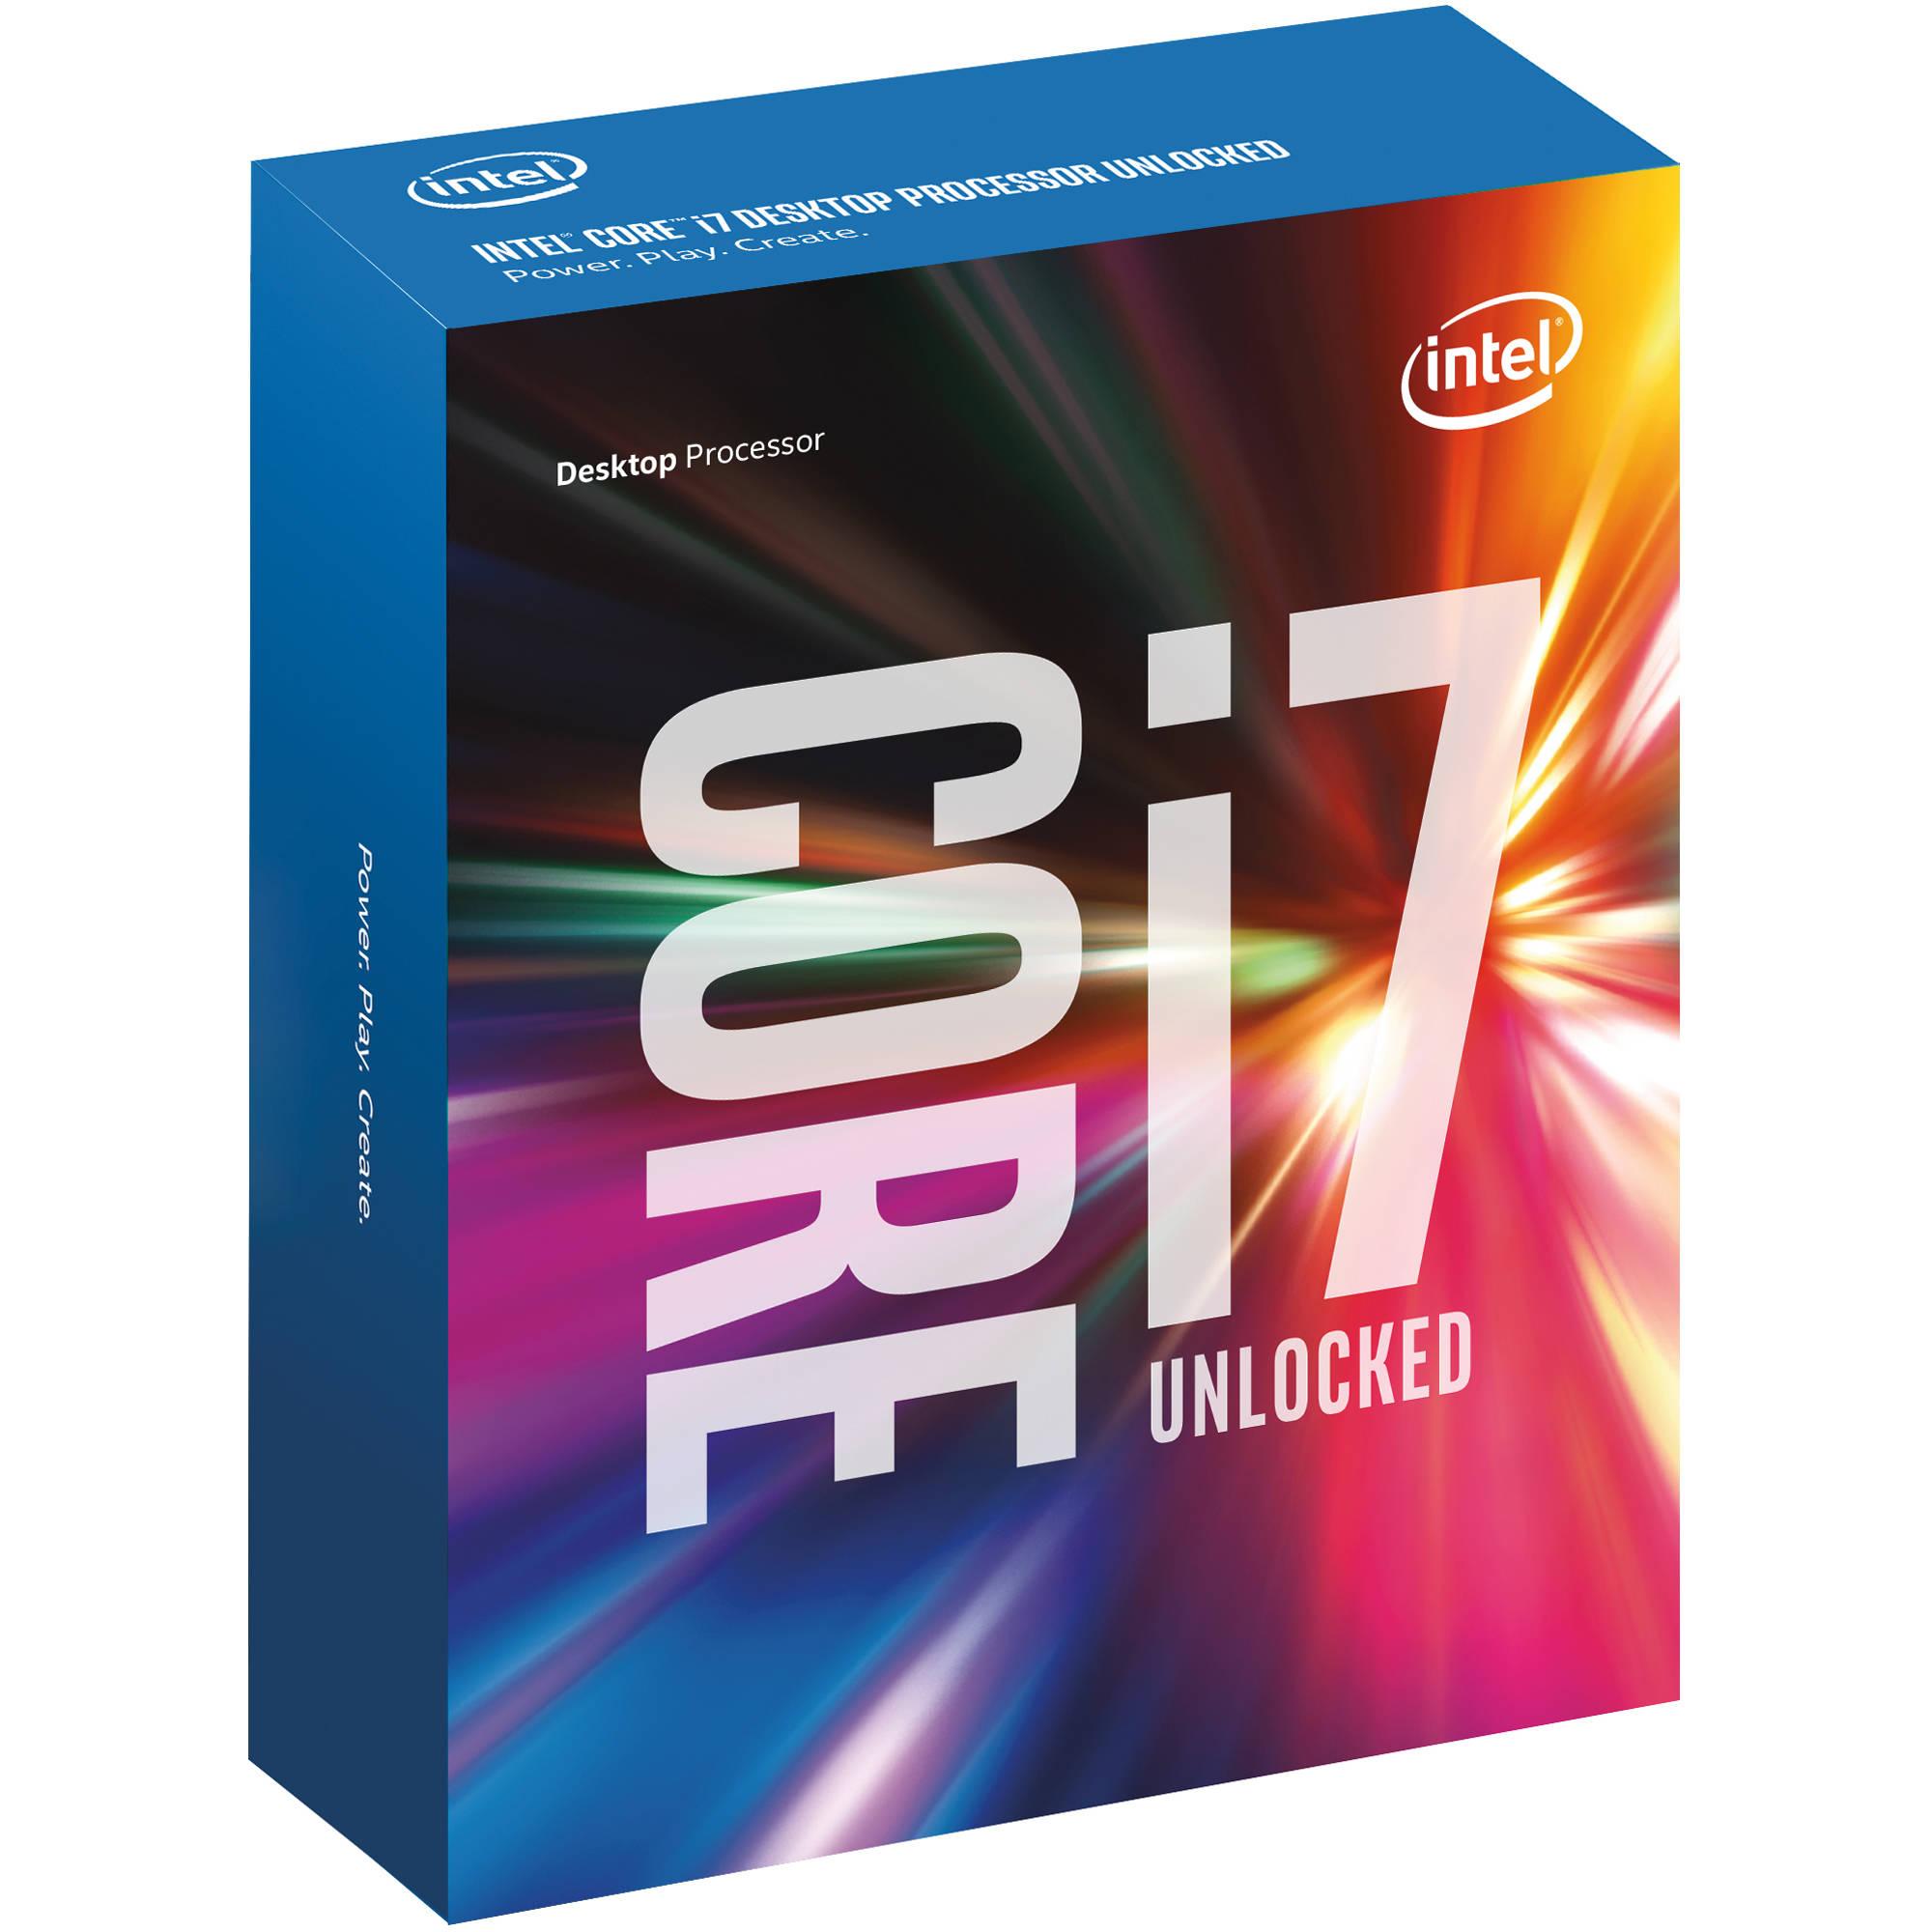 Intel Core i7-6700K Processor  (8M Cache, 4.20 GHz)